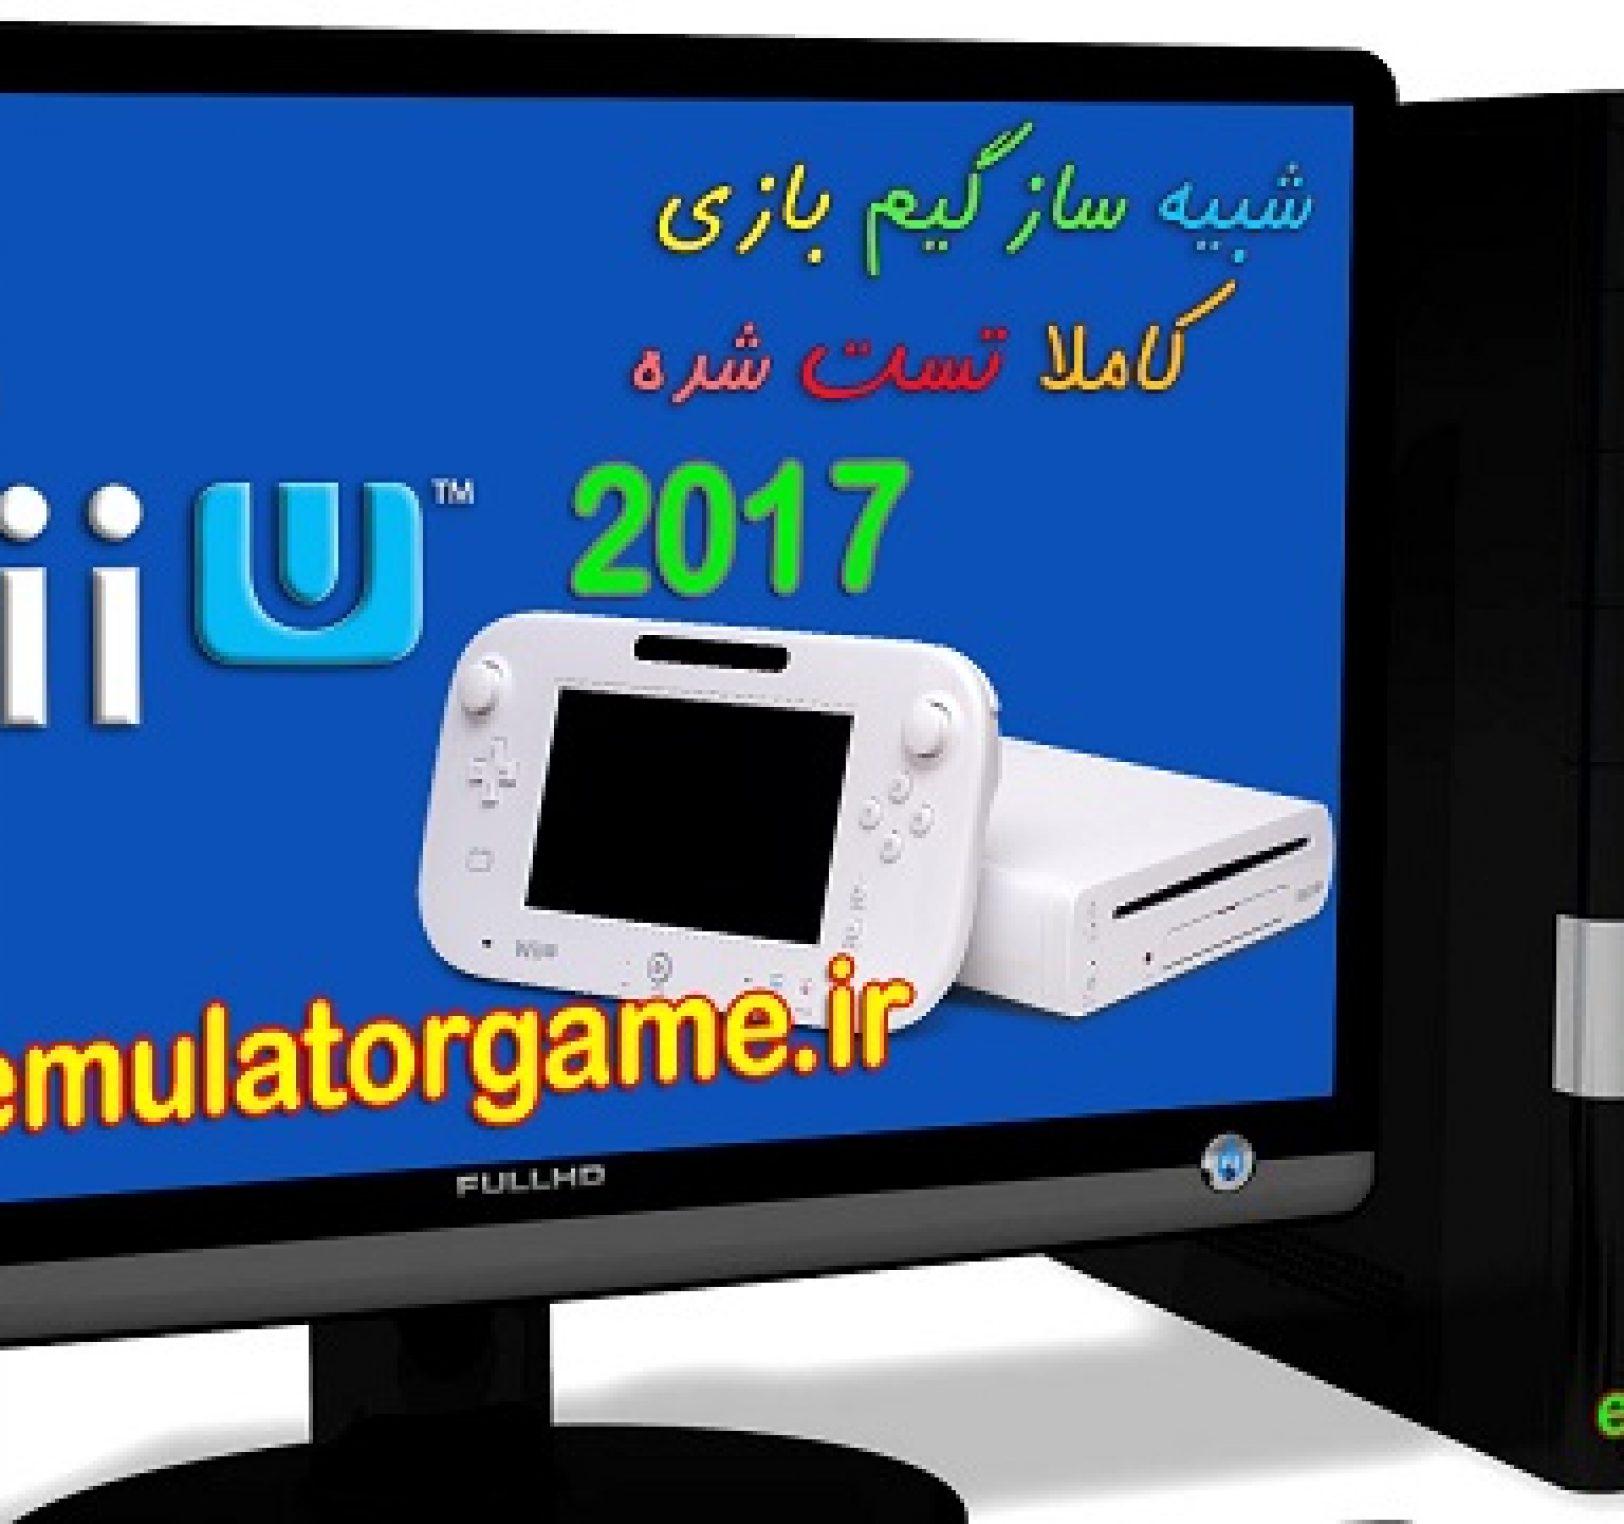 دانلود شبیه ساز Emulator Wii-U کامپیوتر 2017 [جدید]